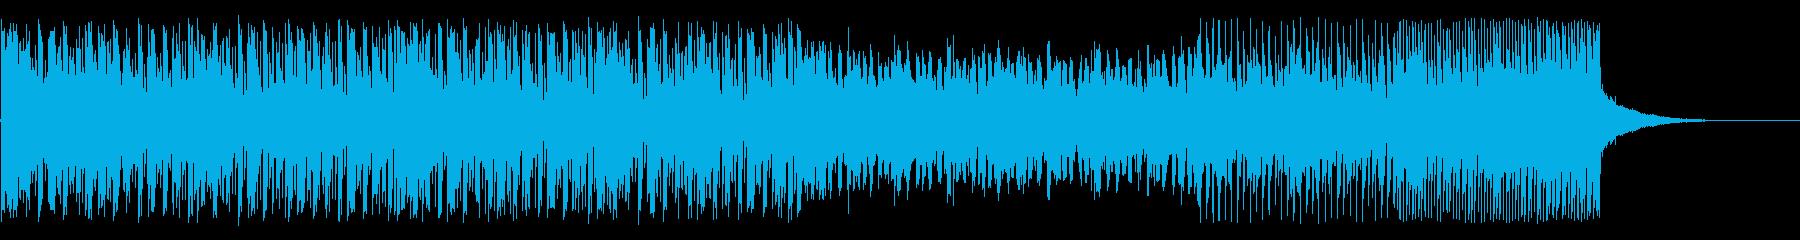 きれいめのシンセポップ(インスト曲)の再生済みの波形